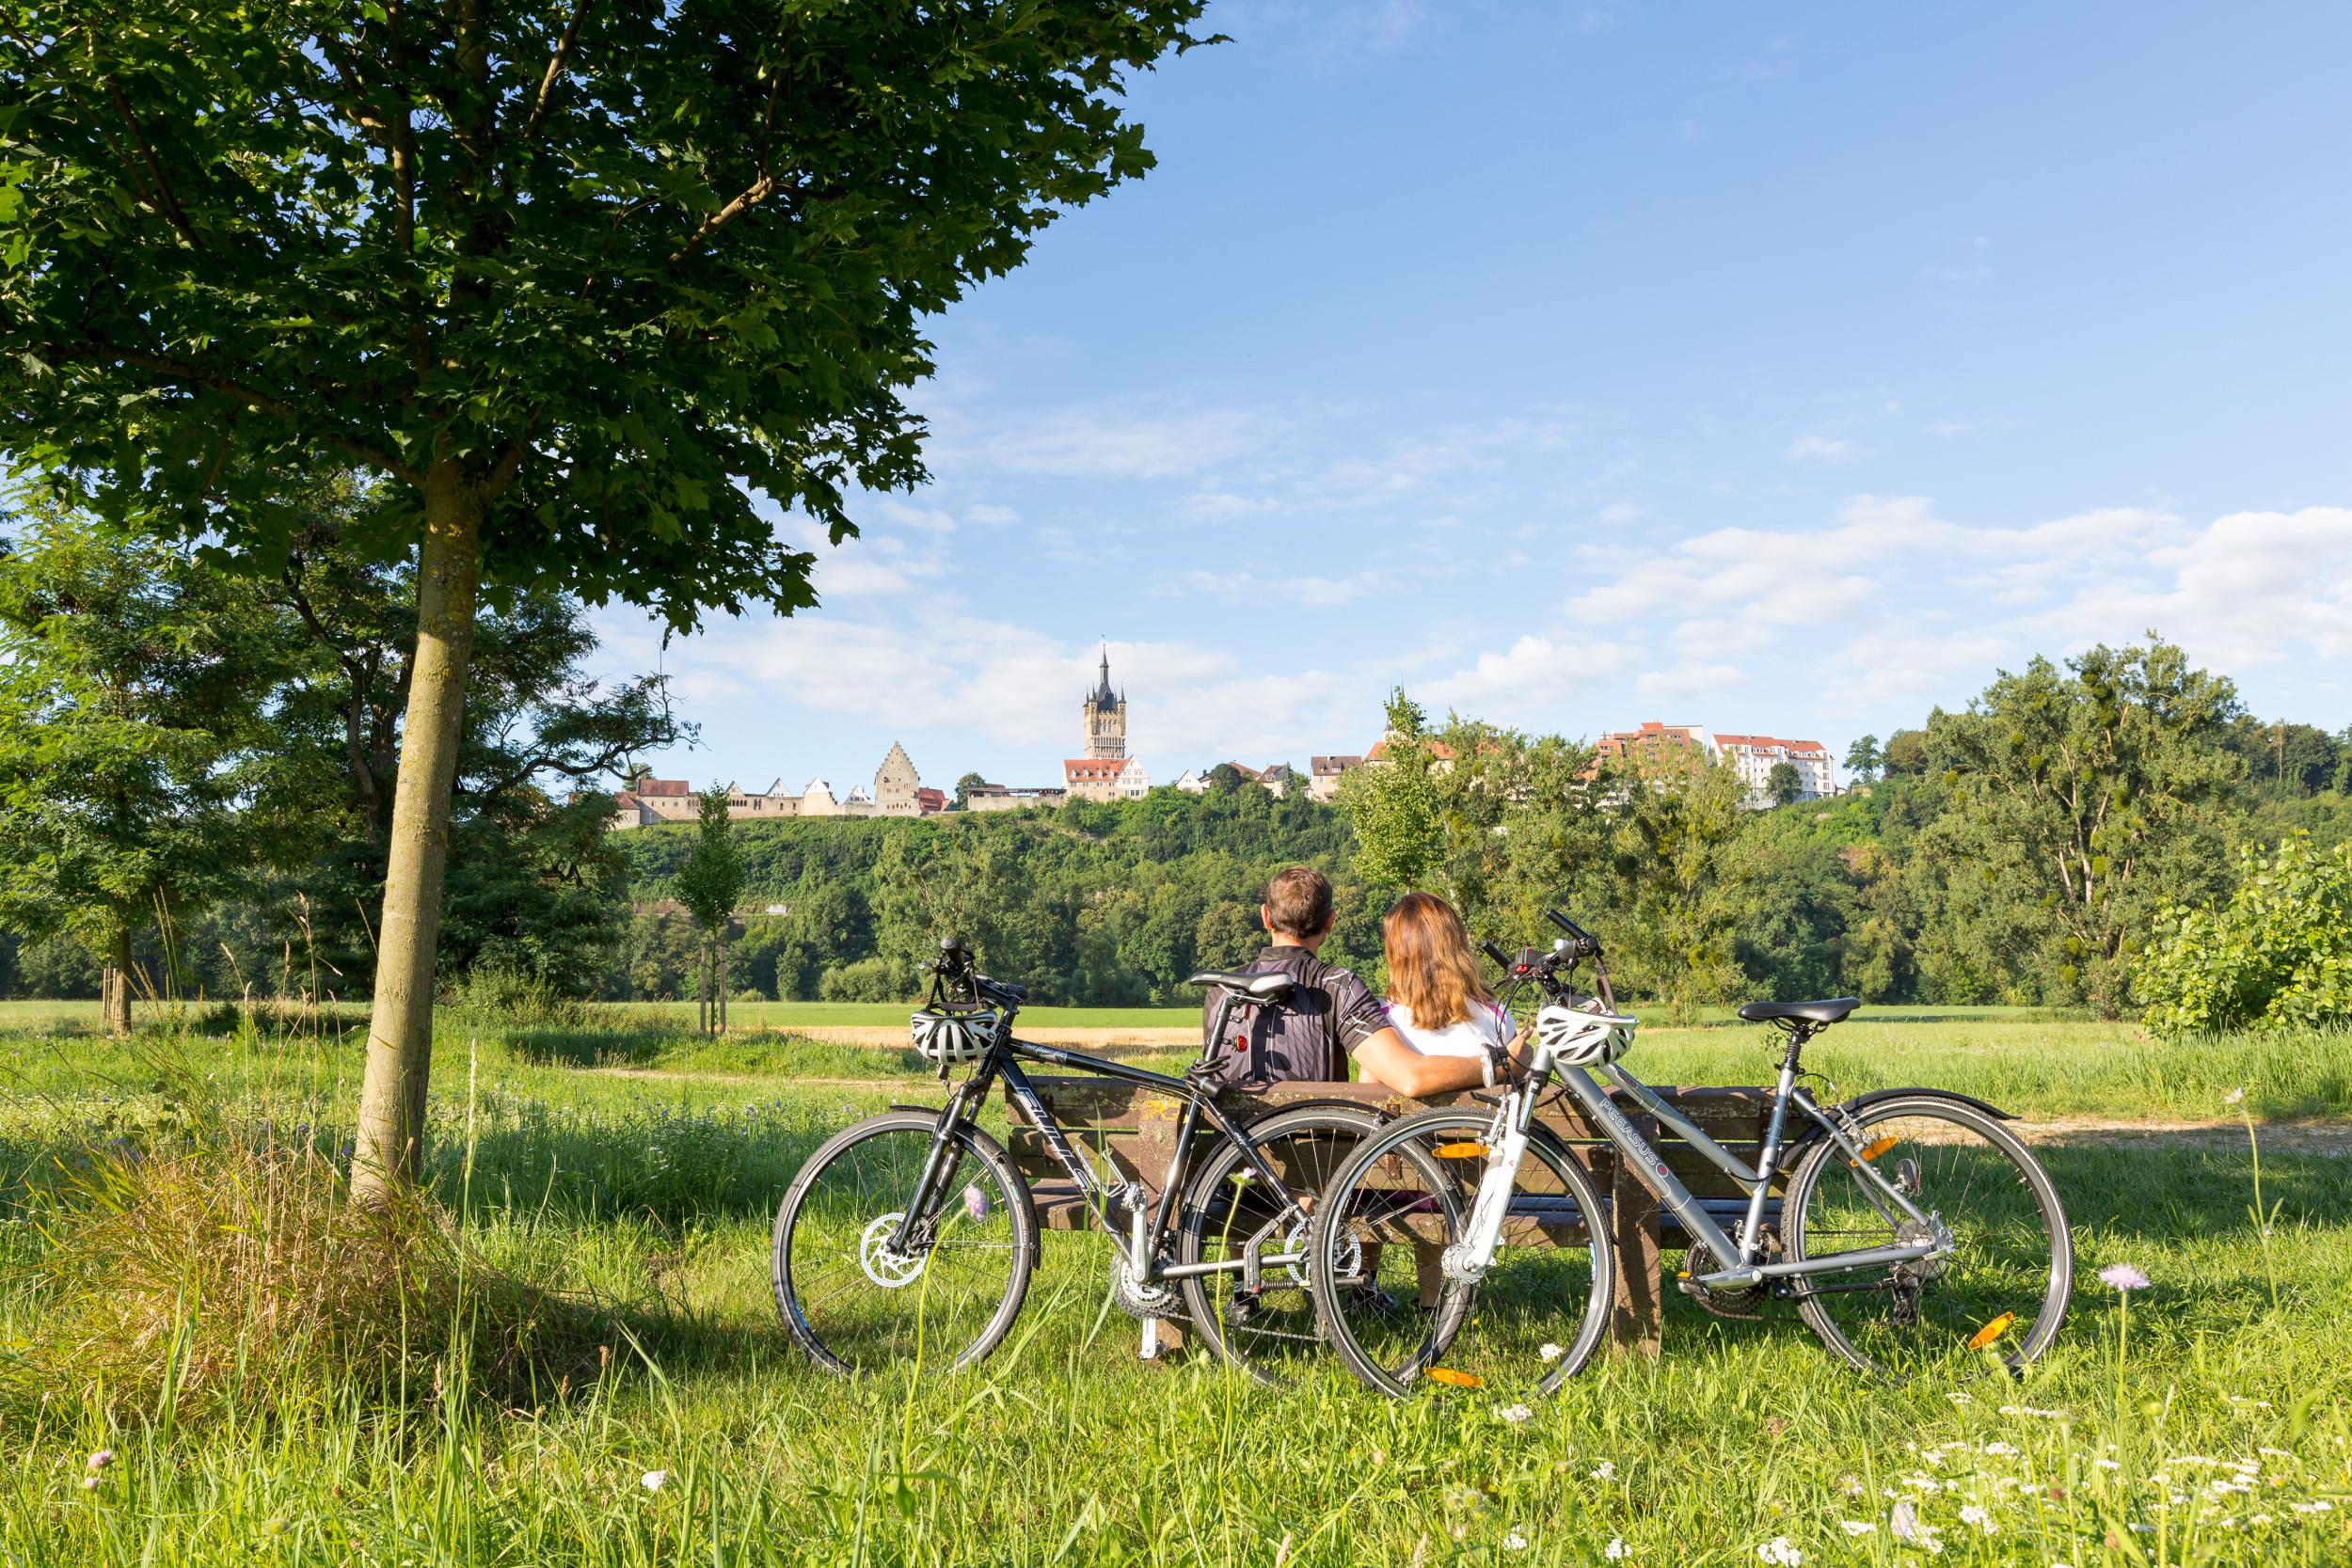 Bad_Wimpfen-Radfahren-Pause-Stadtsilhouette-03pg16.jpg